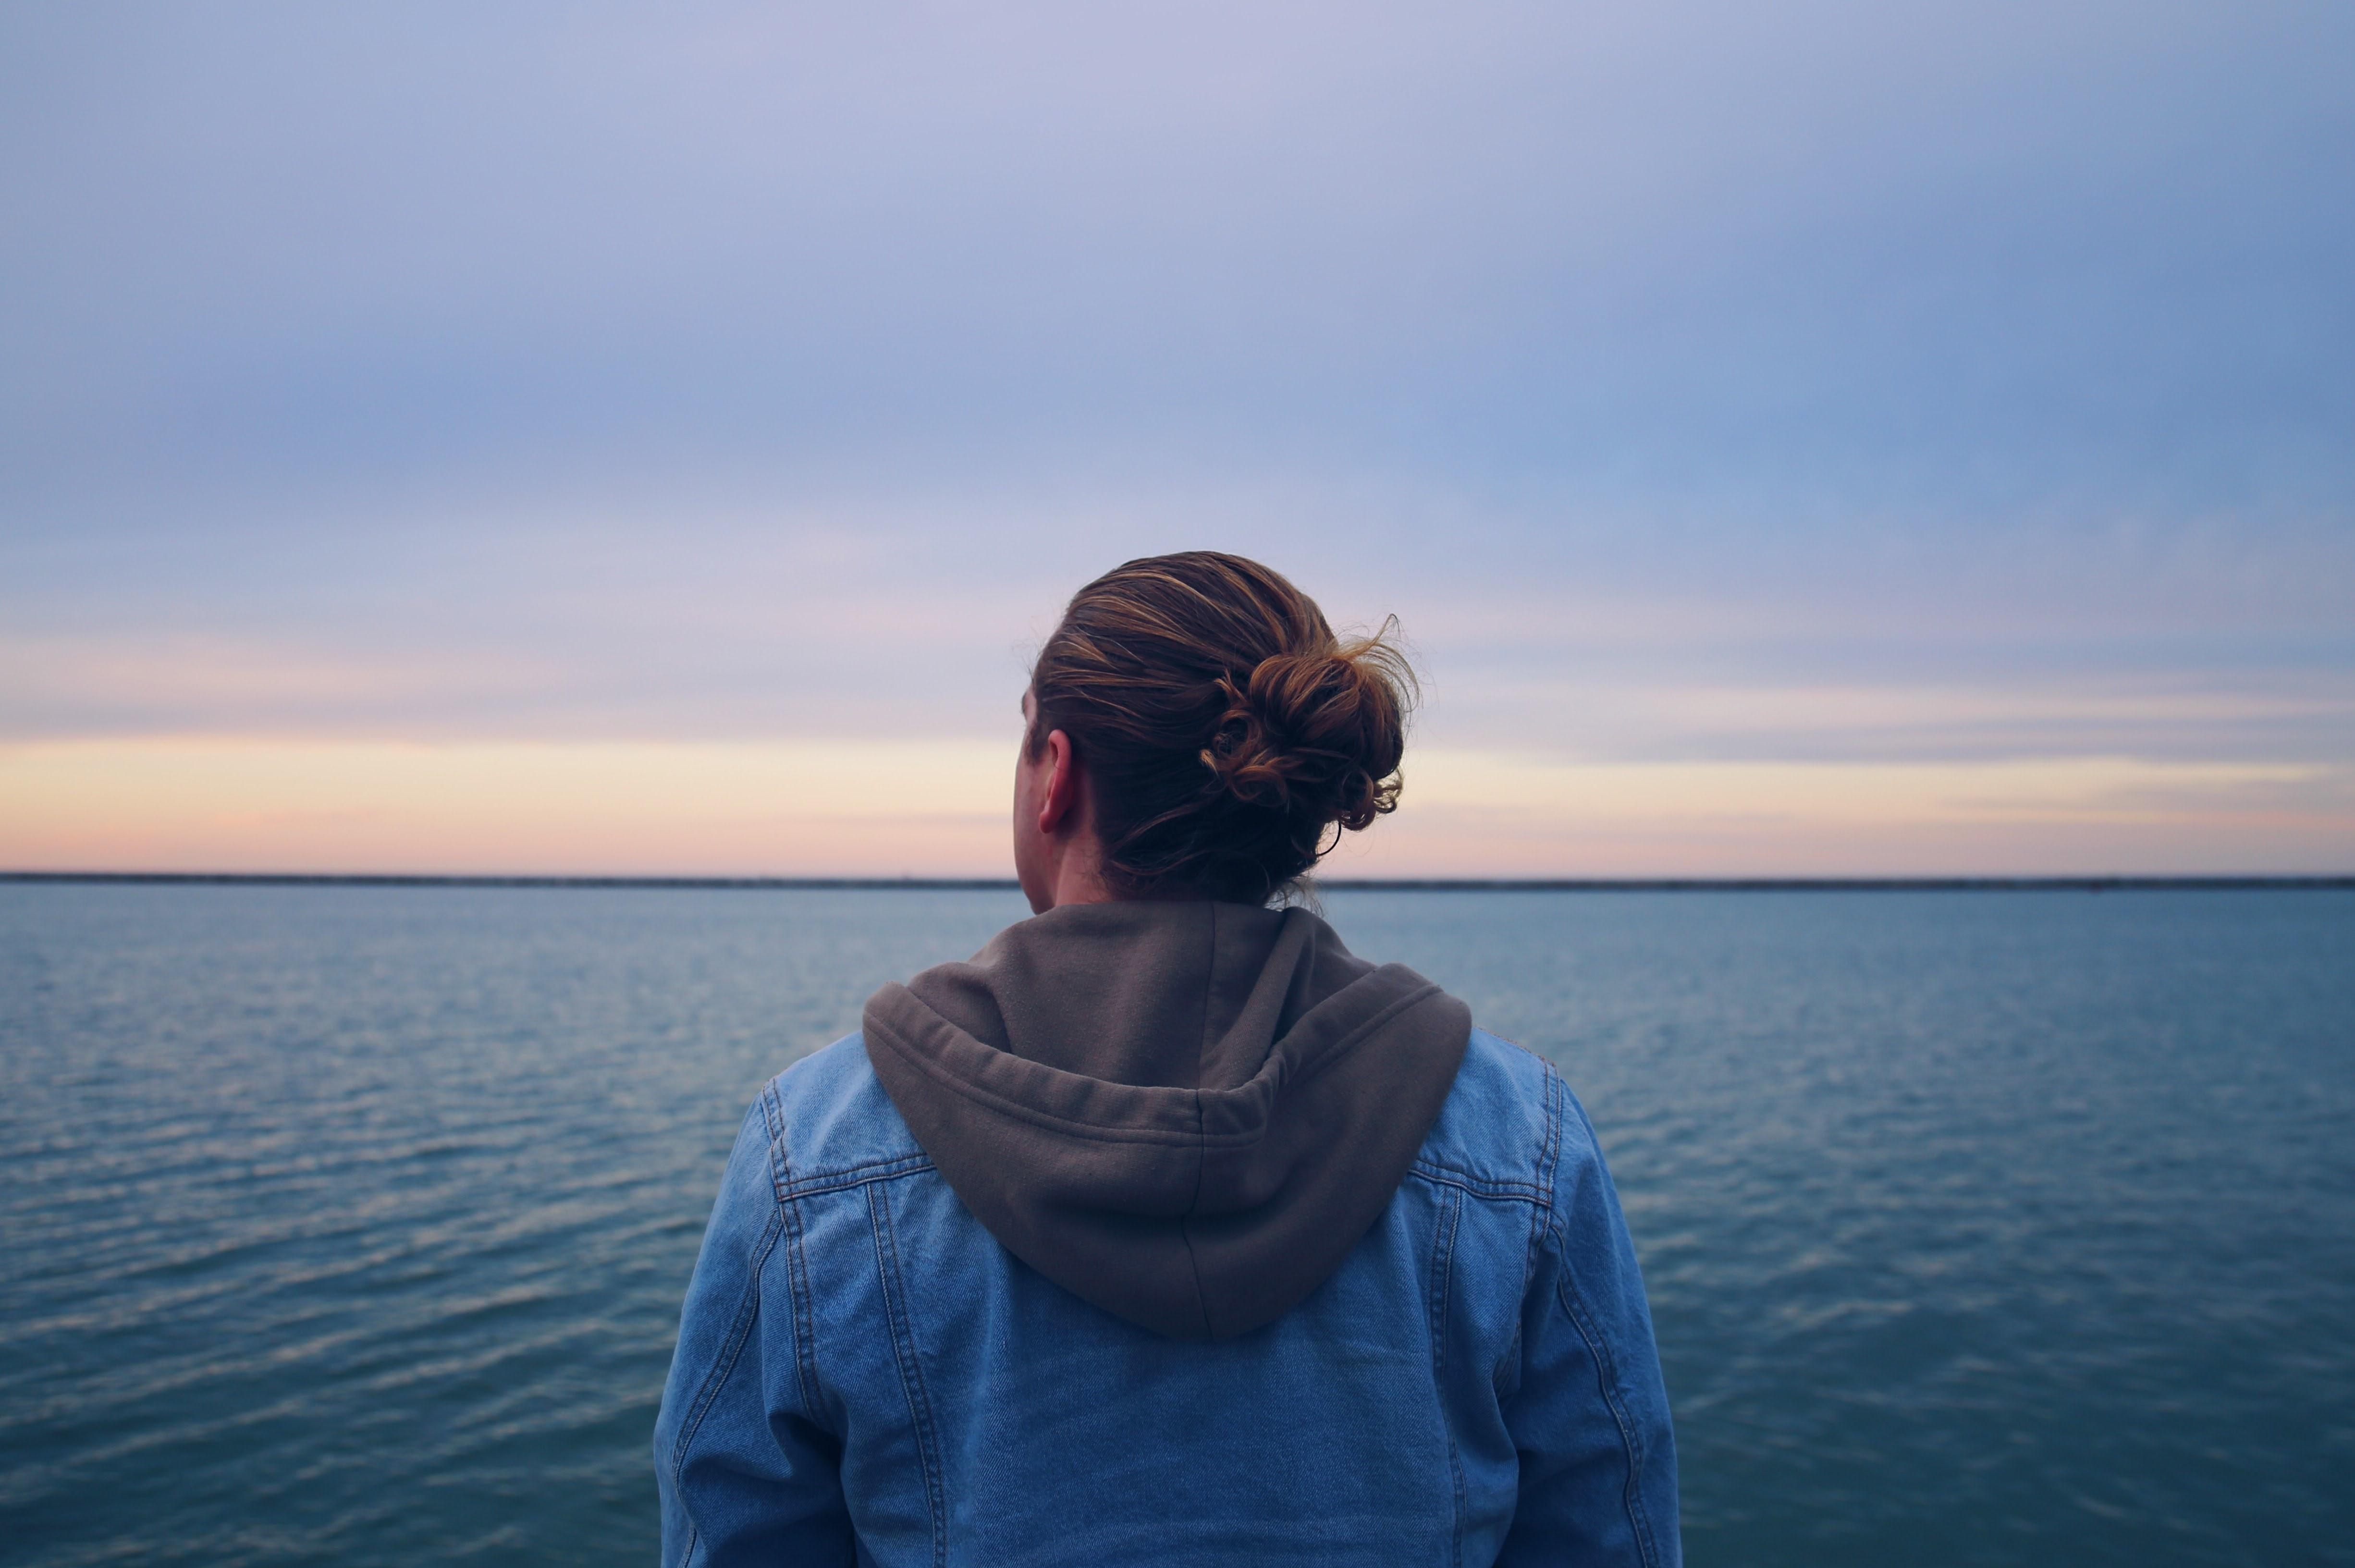 Une personne regarde l'océan